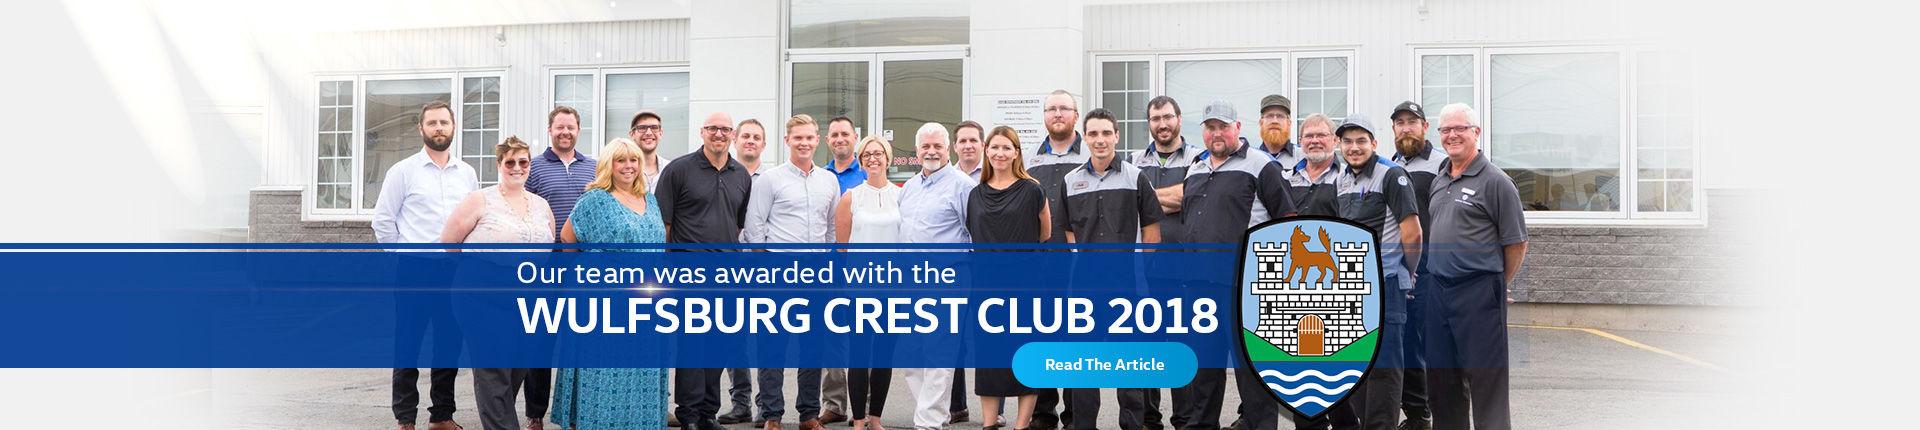 WOLFSBURG CREST CLUB 2018